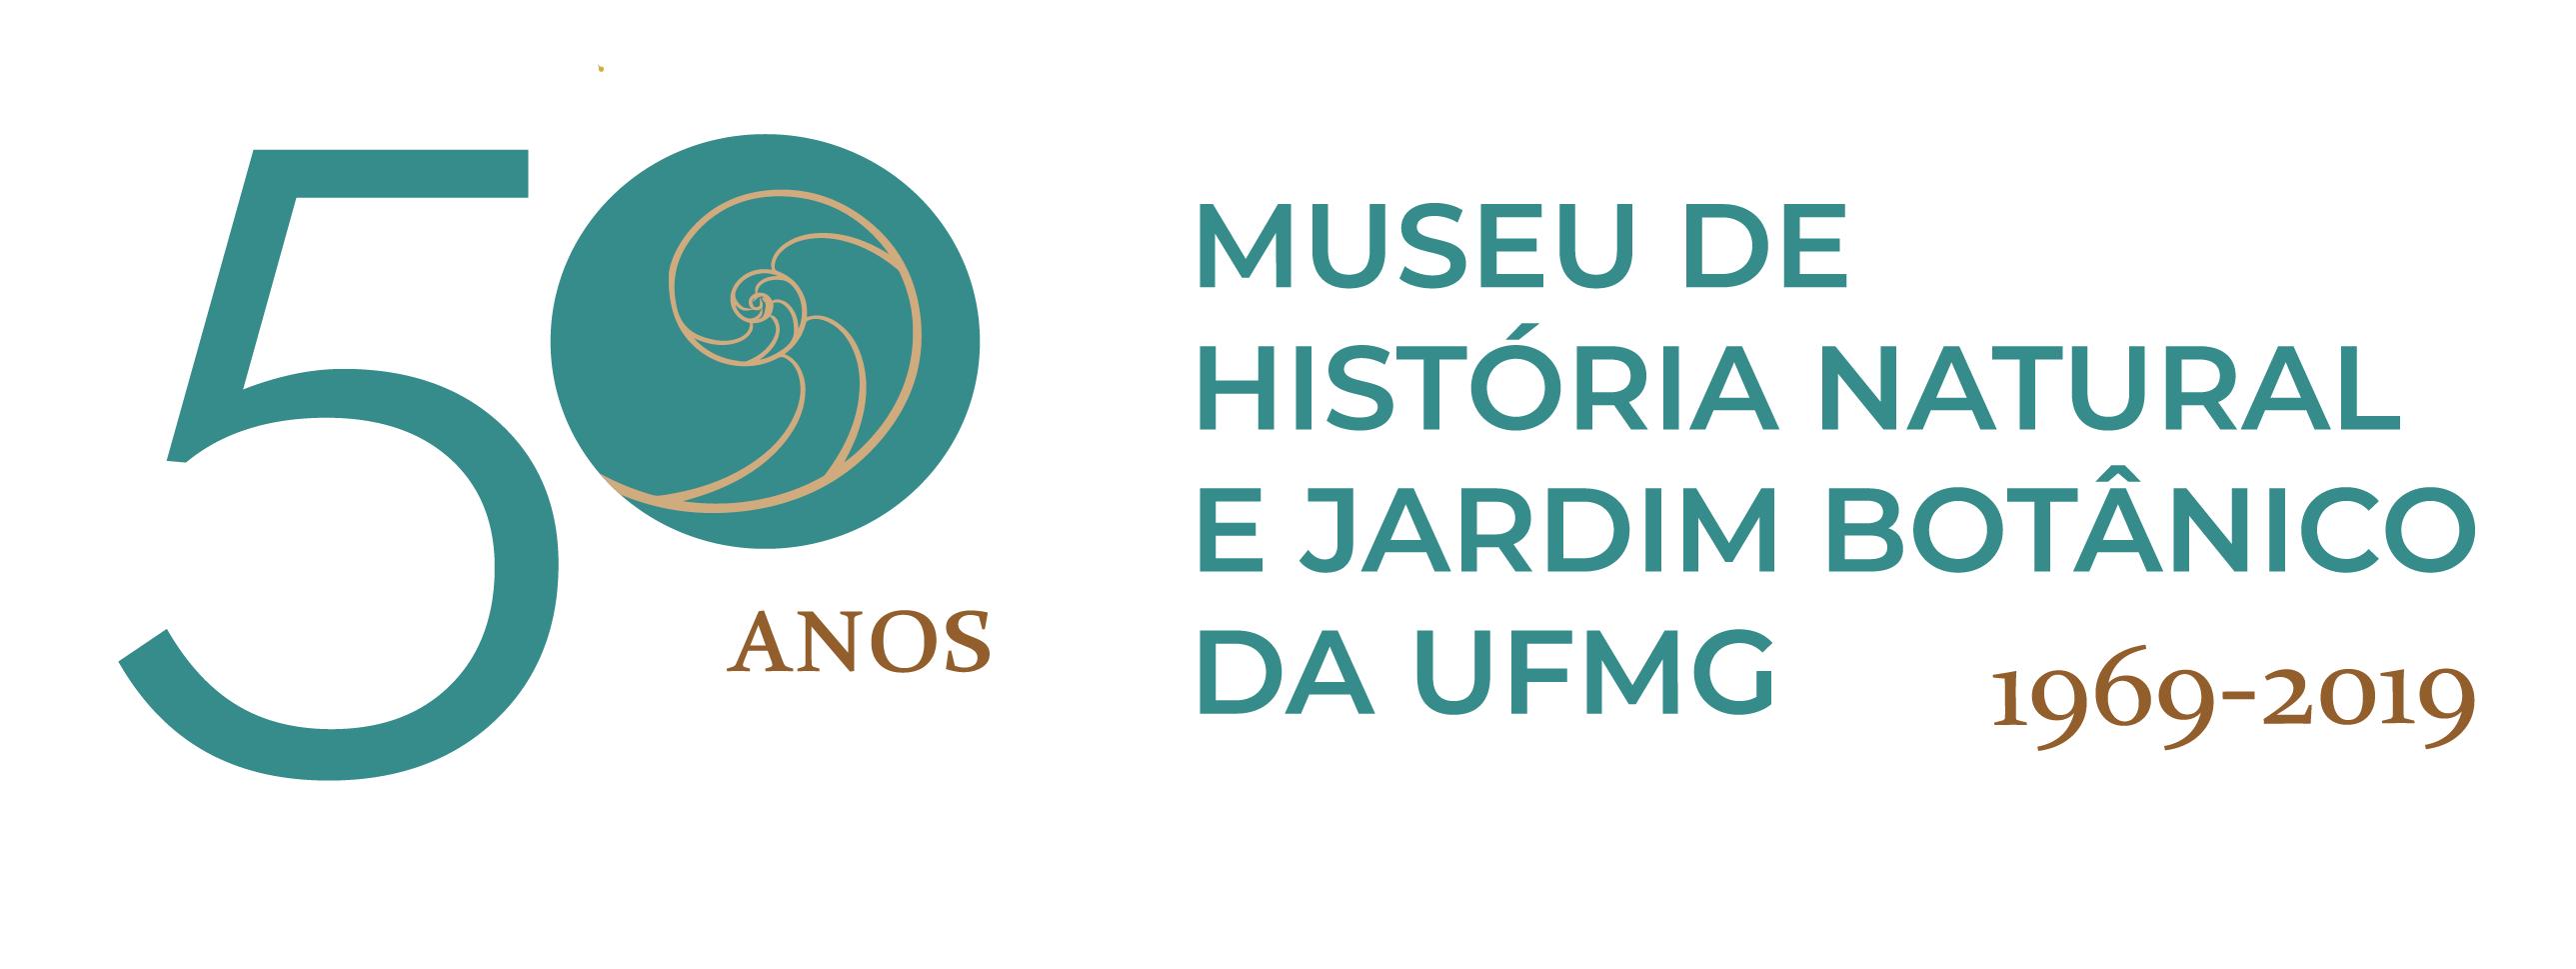 museu50anos